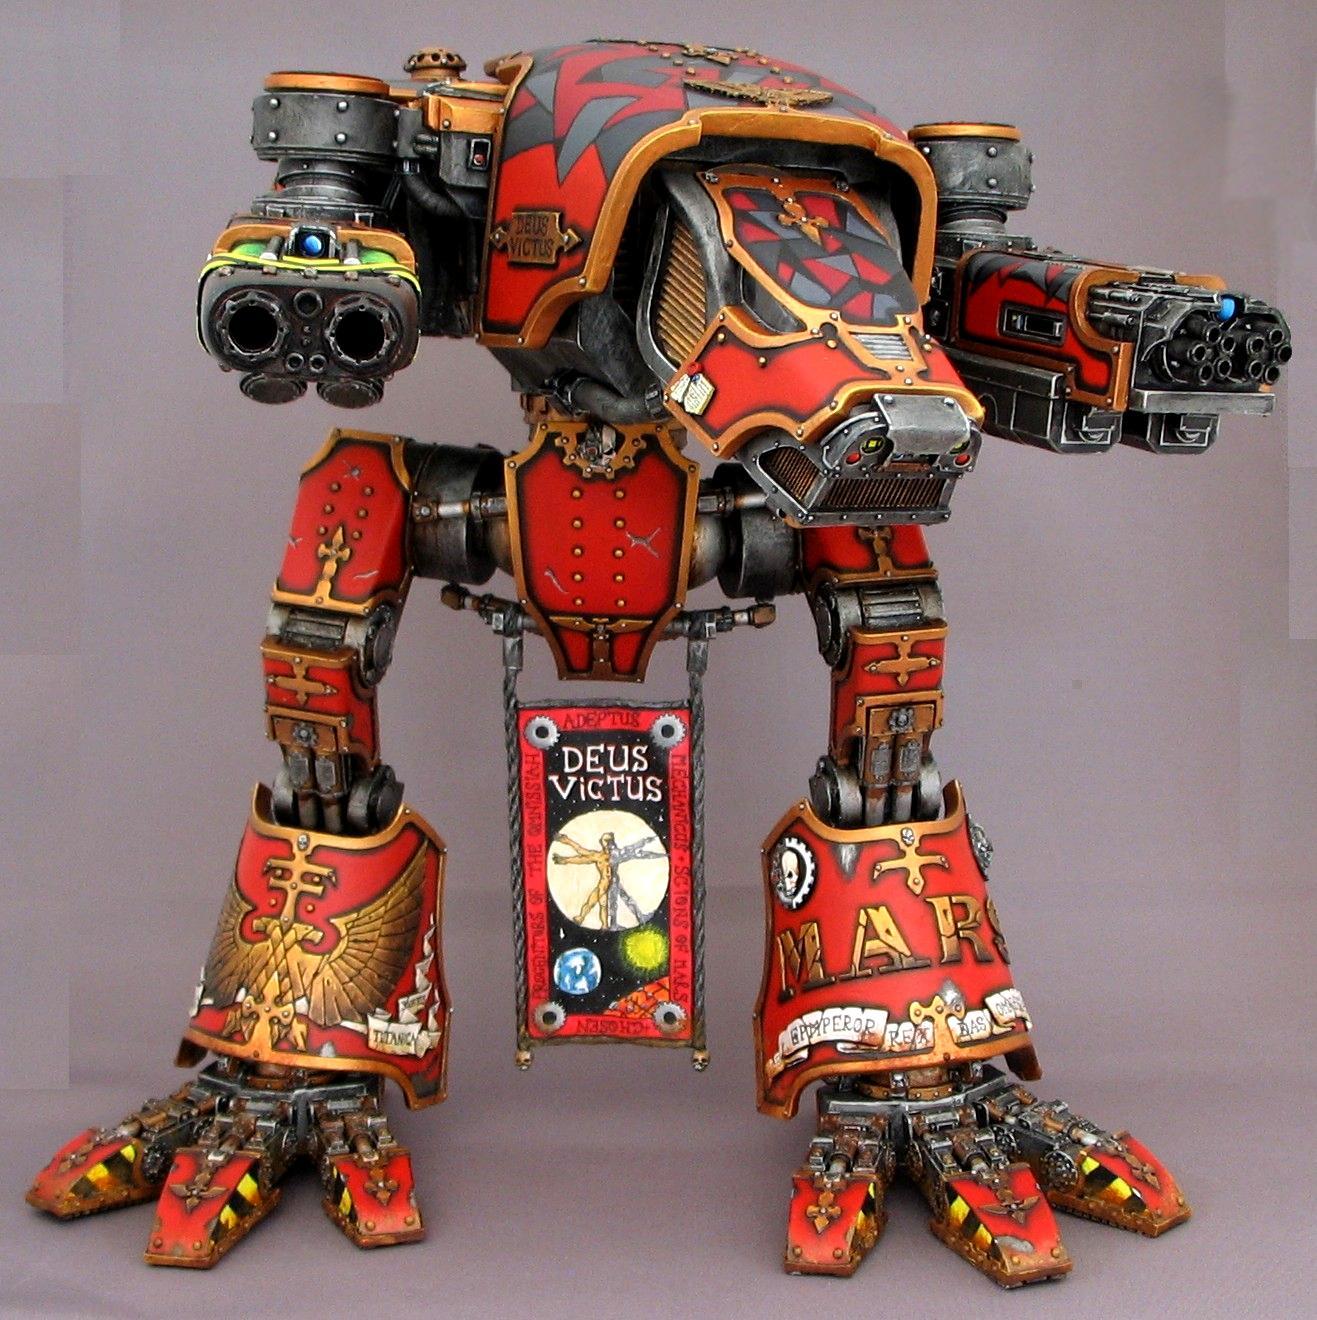 Apocalypse, Titan, Warhammer 40,000, Warhound